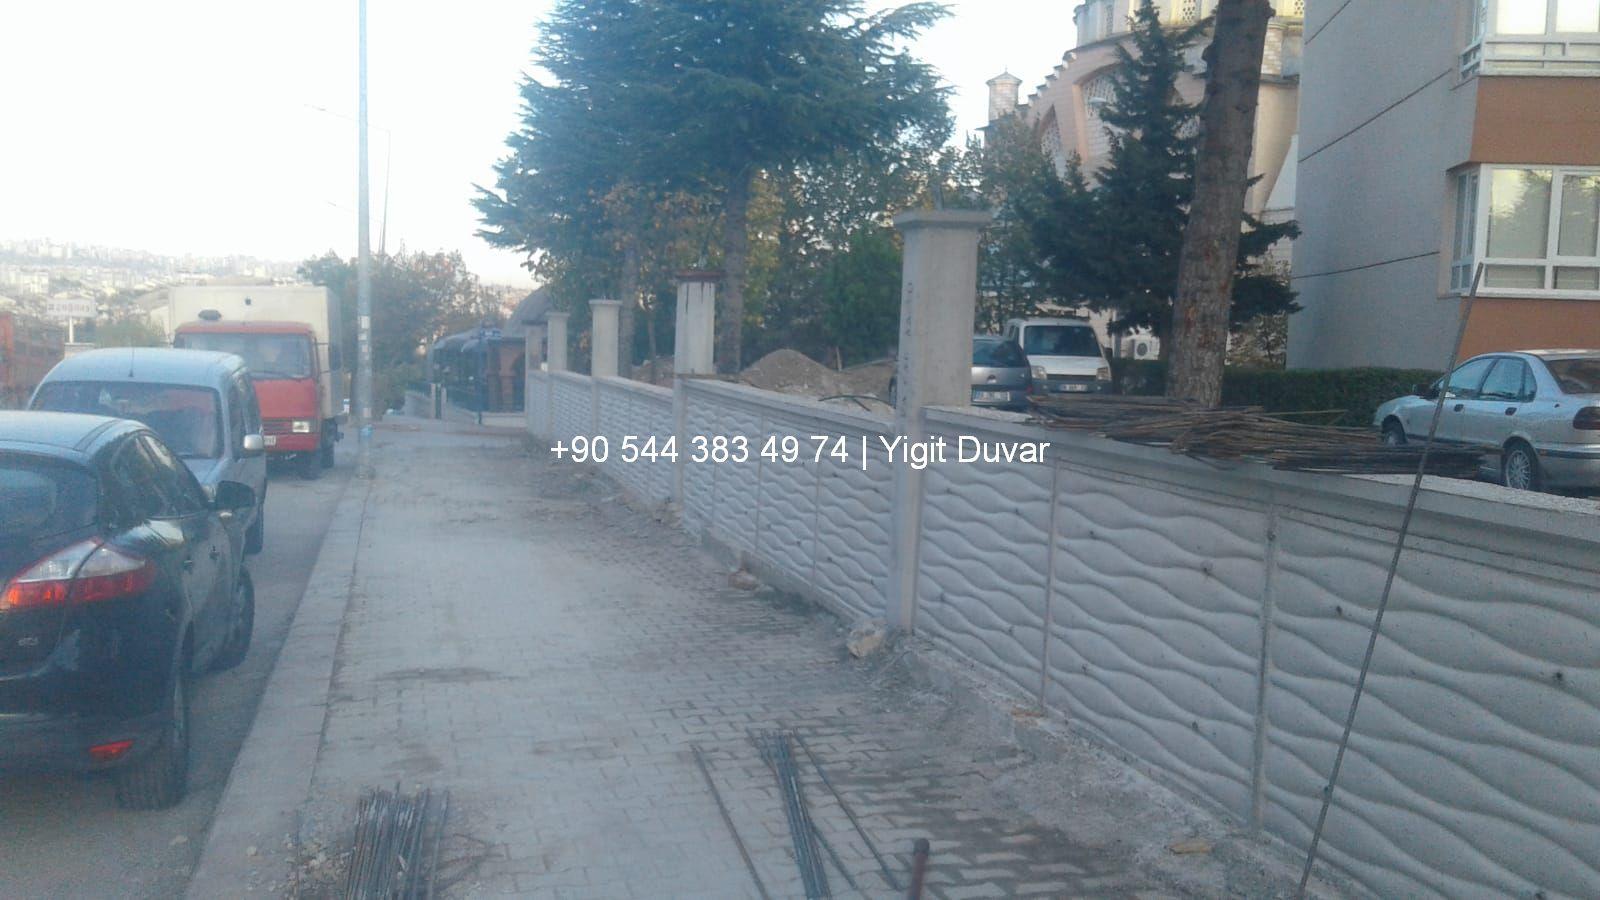 duvar-ustasi-yigit-duvar091